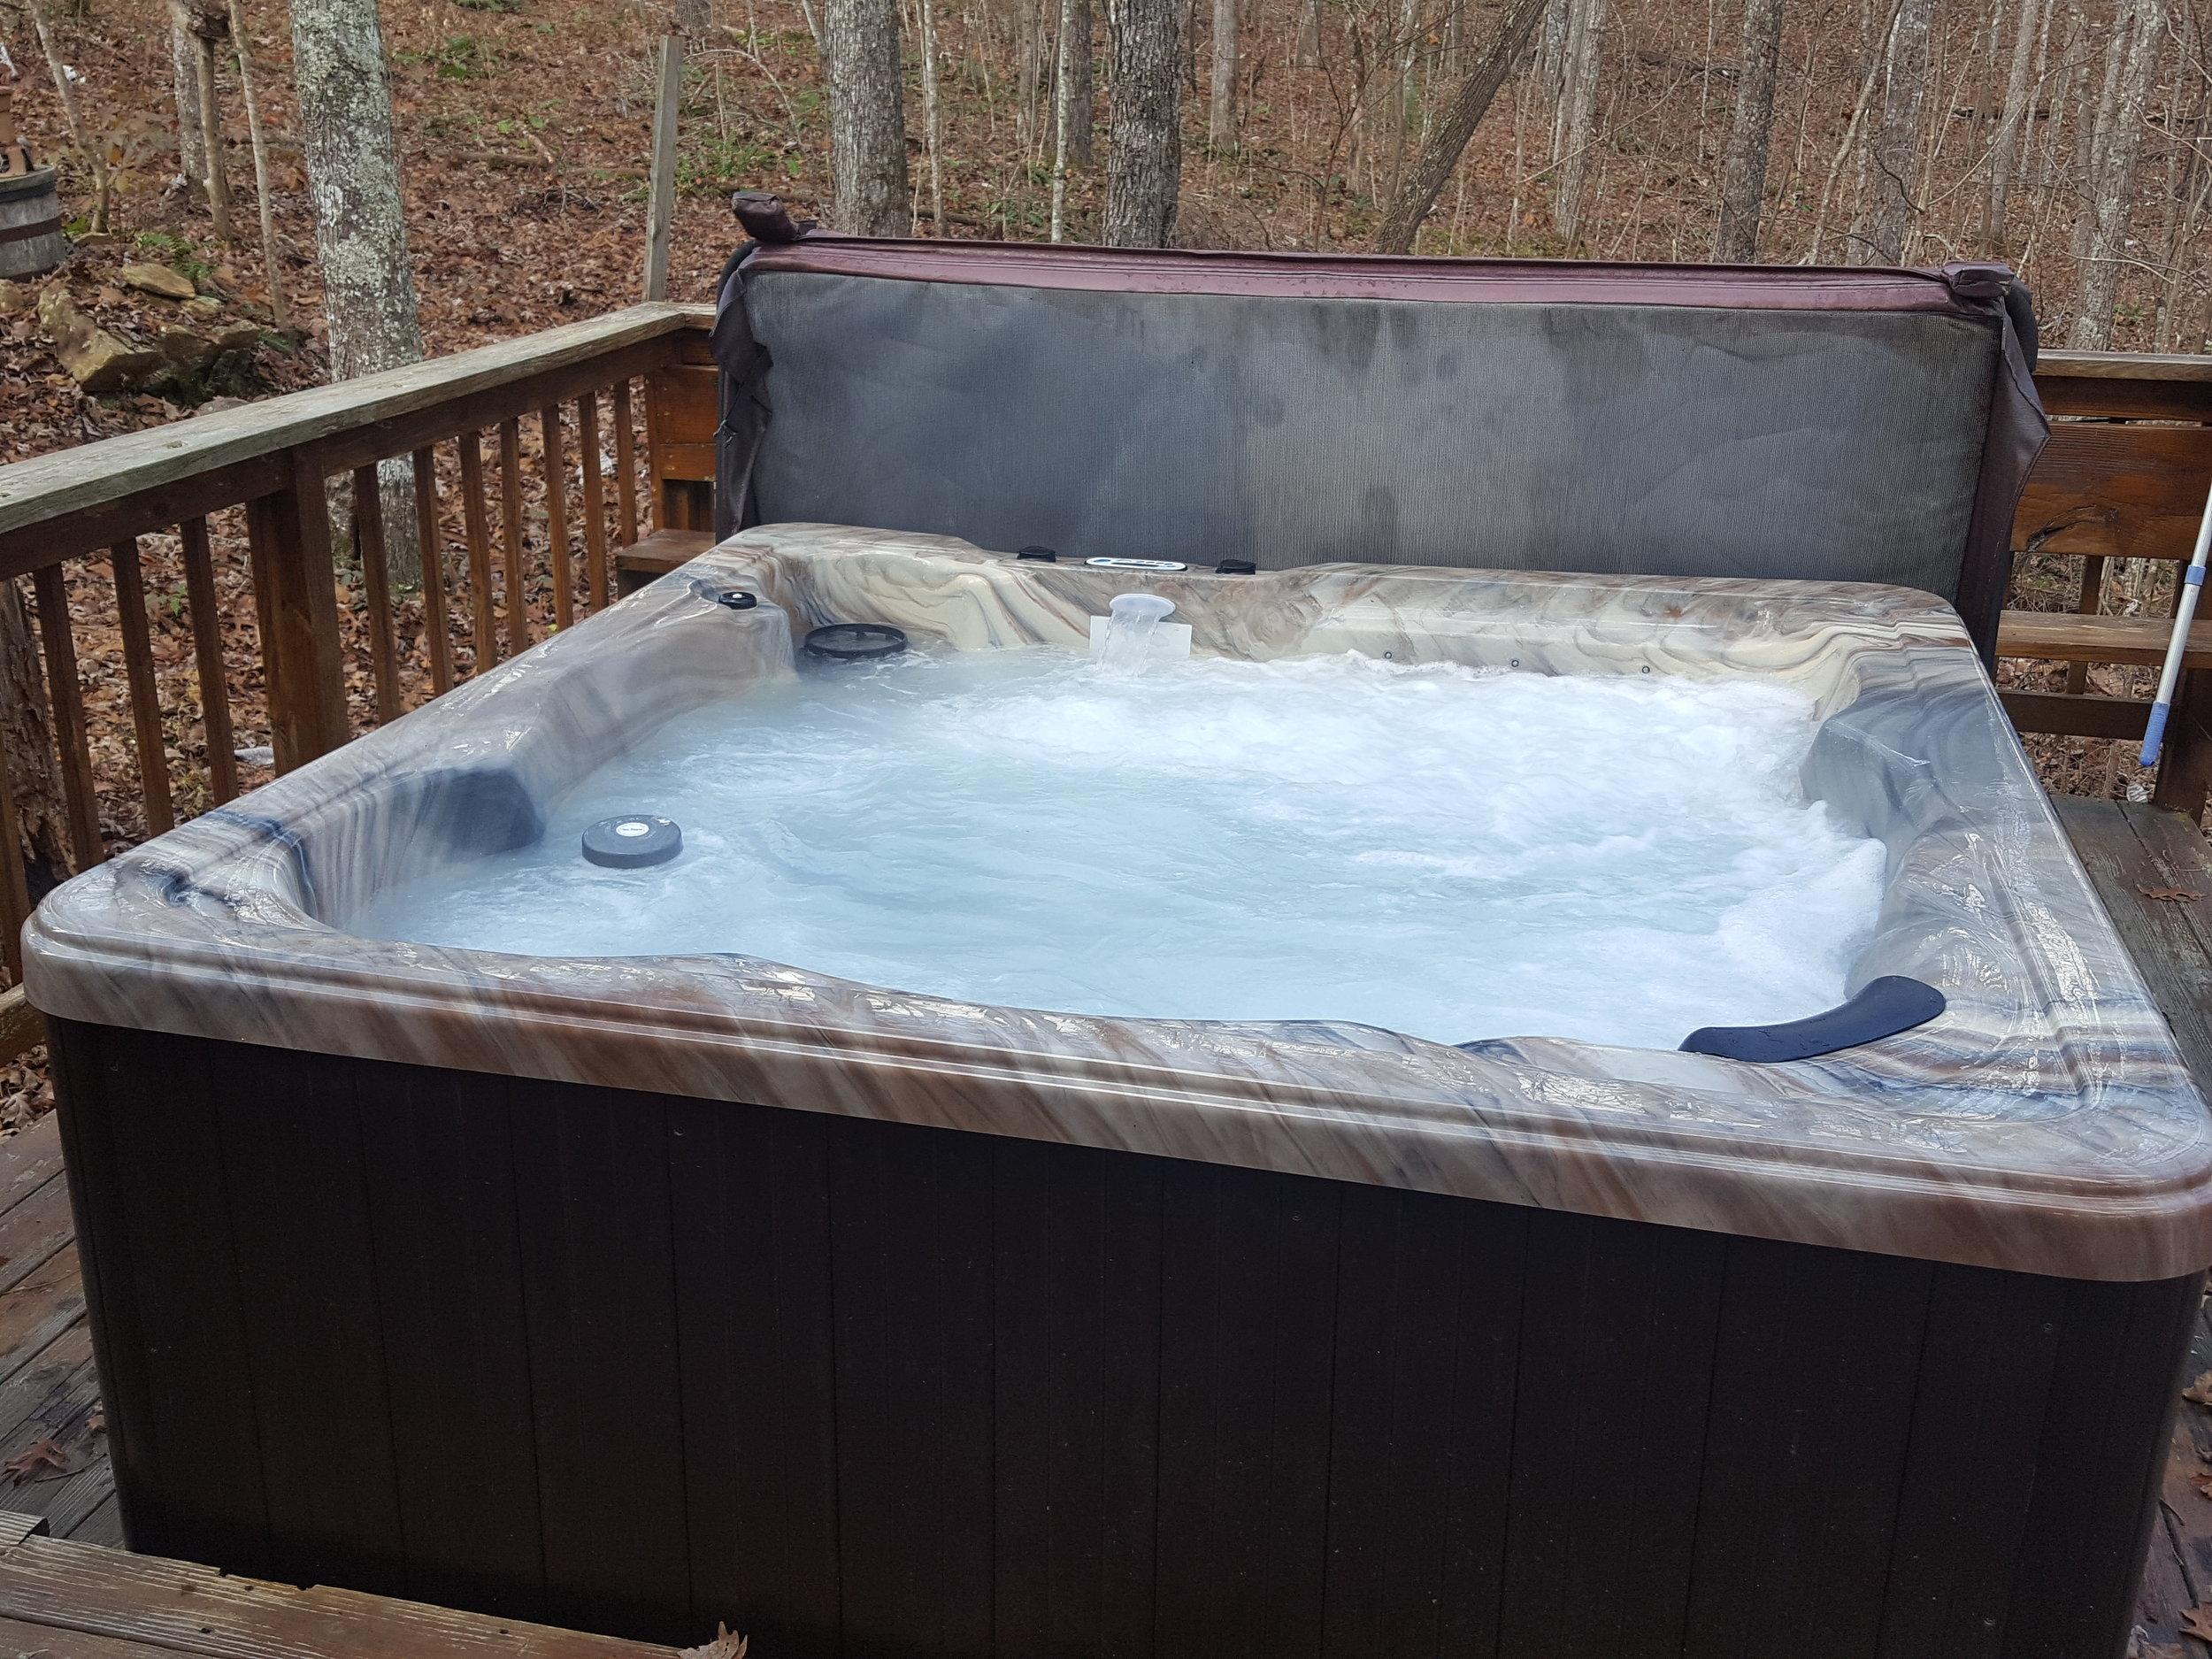 Turkey Scratch Hot Tub